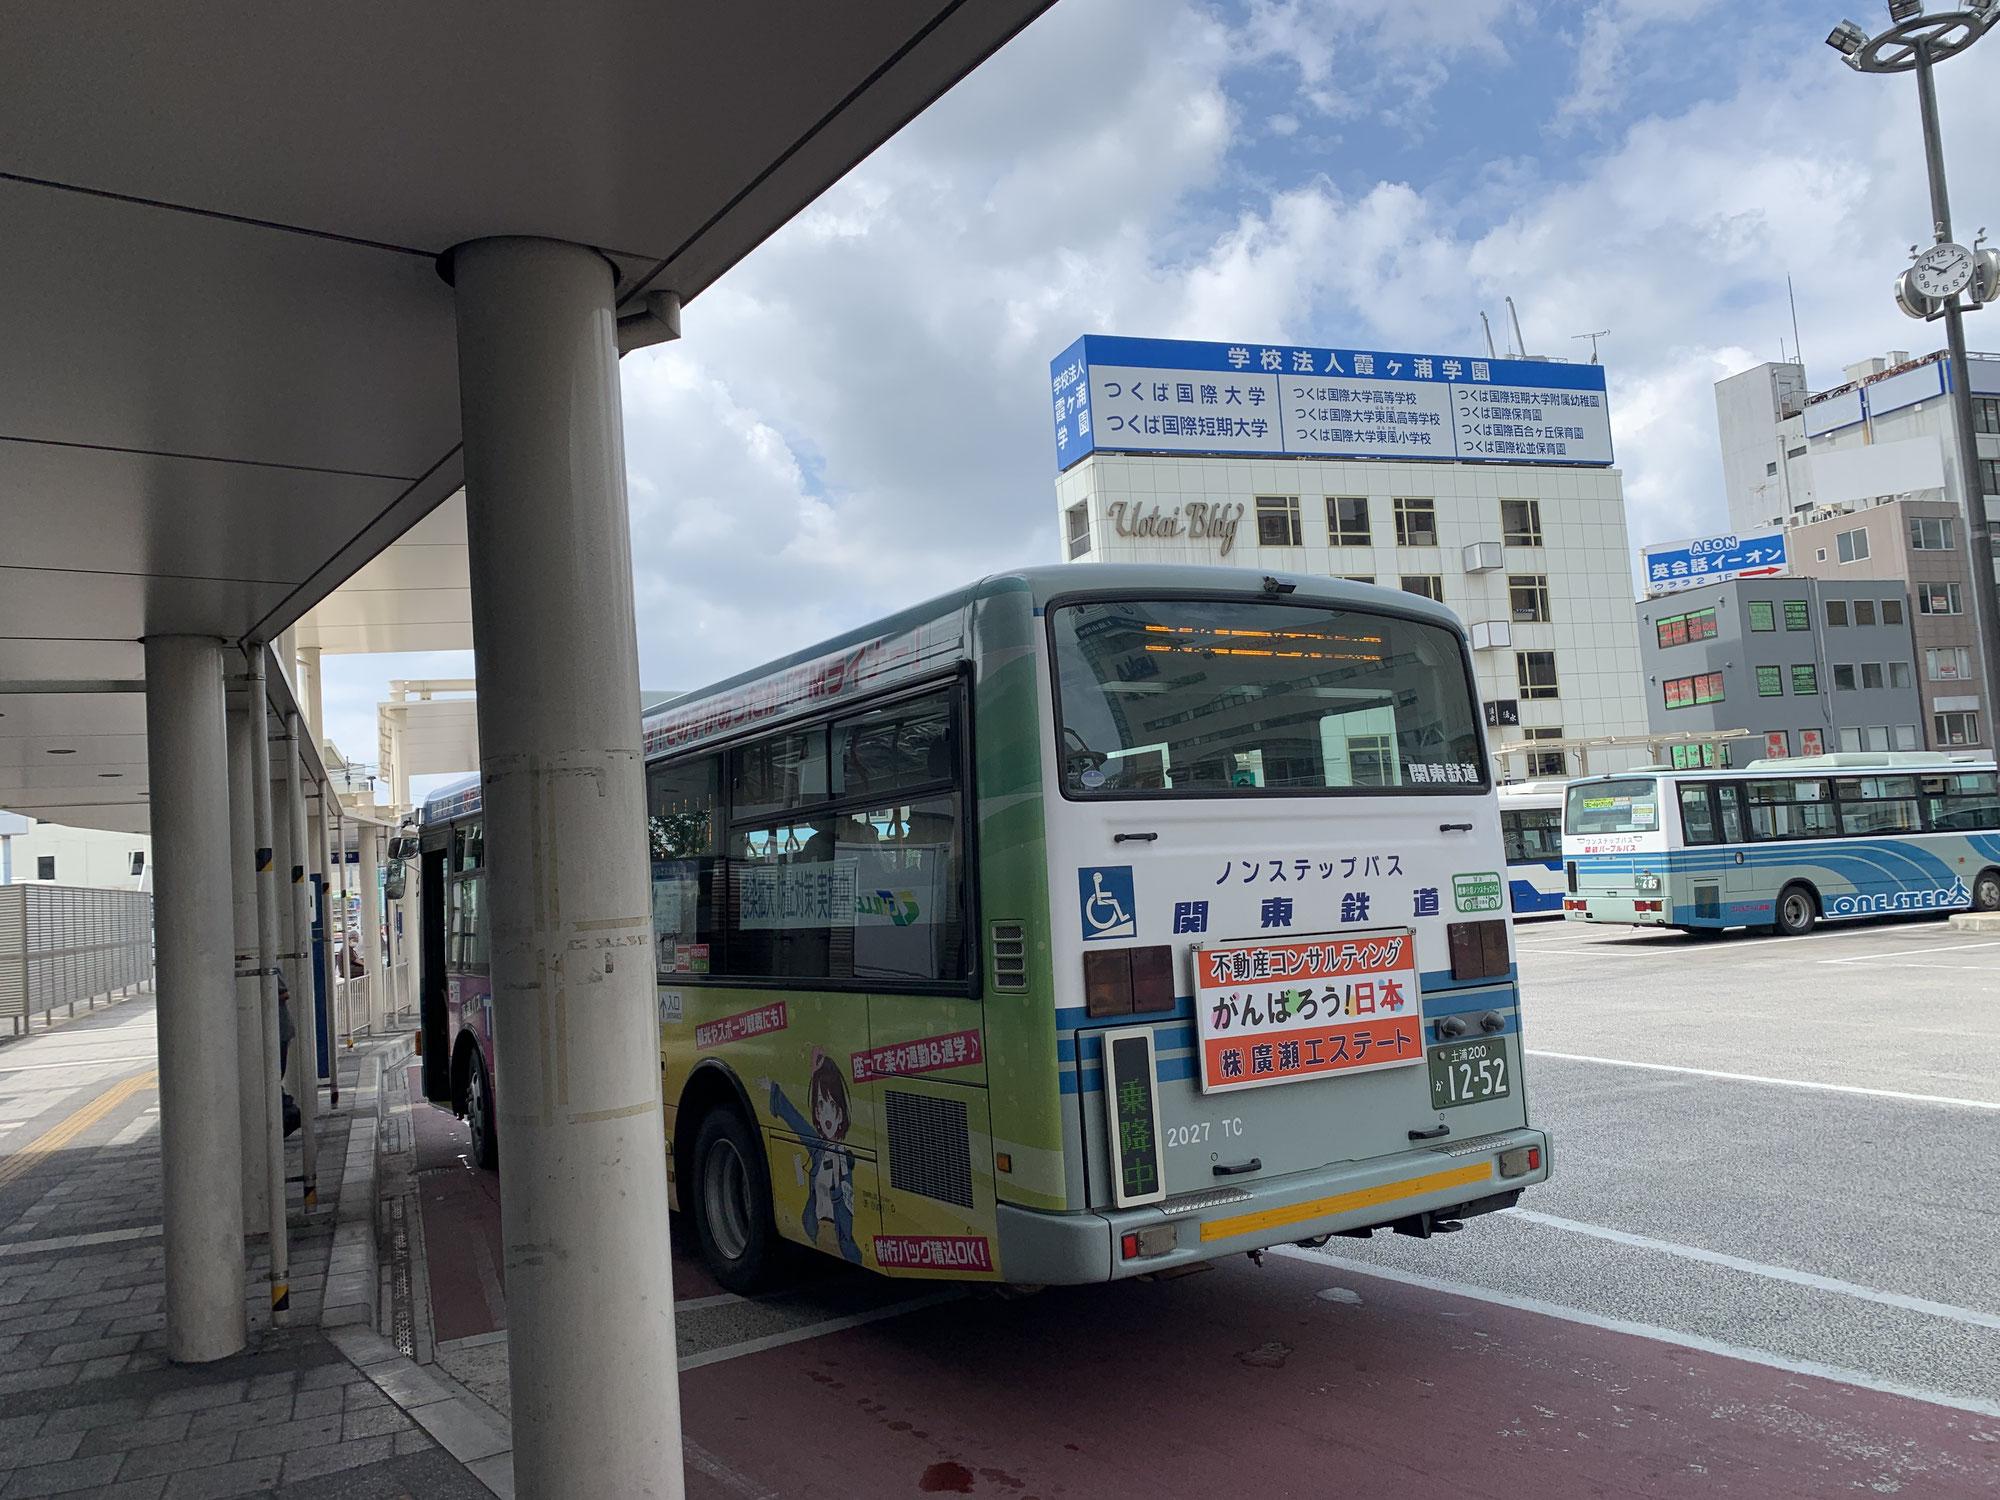 8/1より関東鉄道さんのバス広告が始まりました!